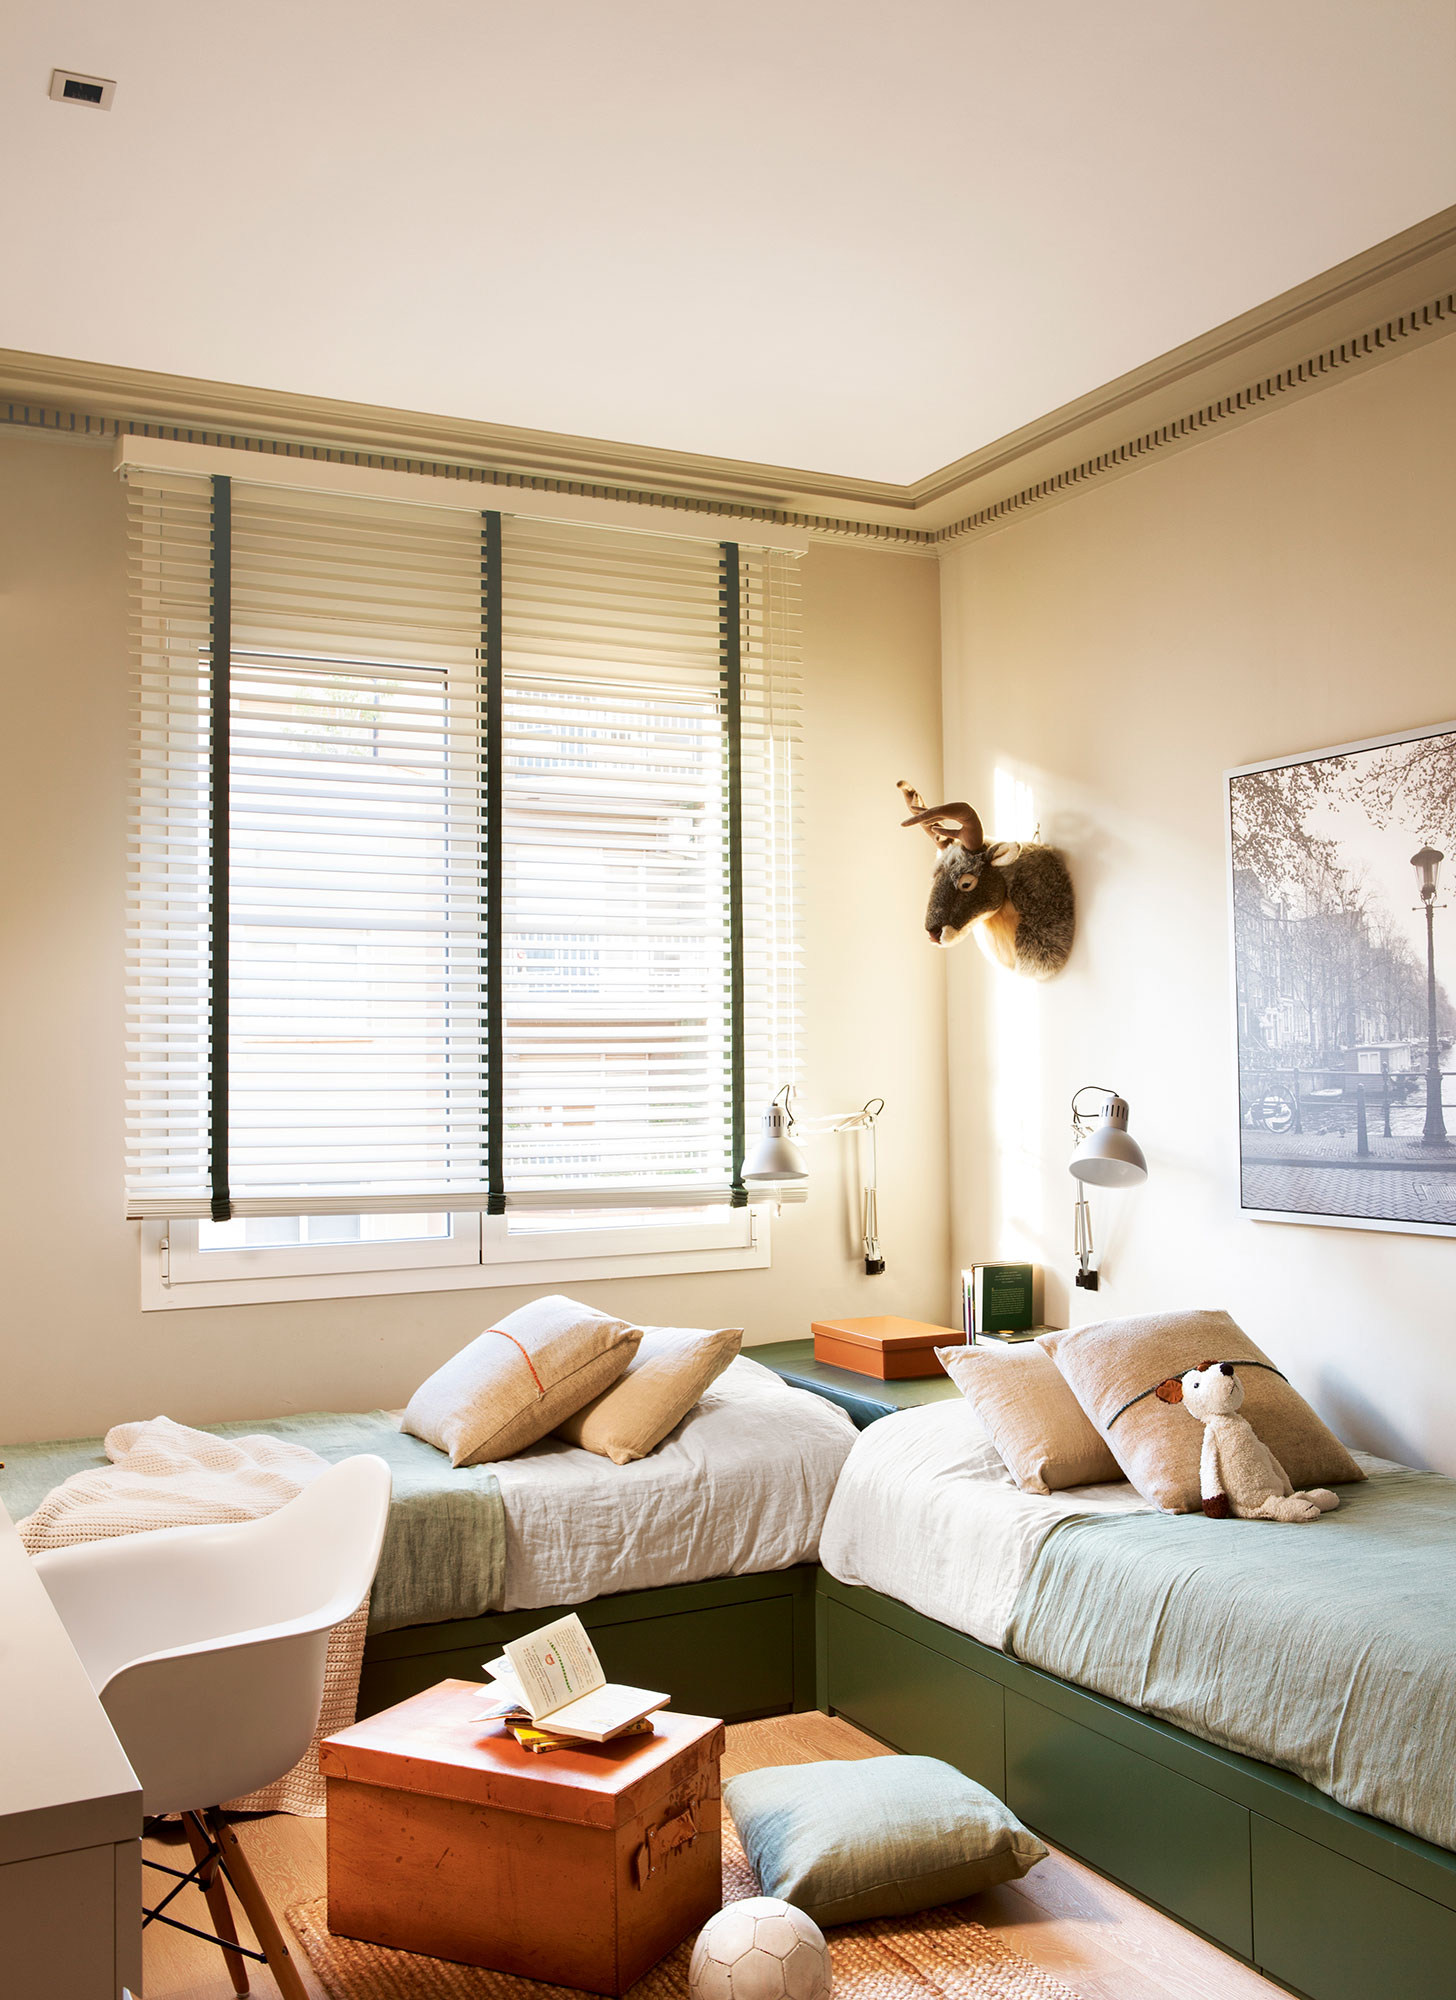 Espacios compartidos 6 buenas soluciones para exprimir - Habitacion pequena dos camas ...